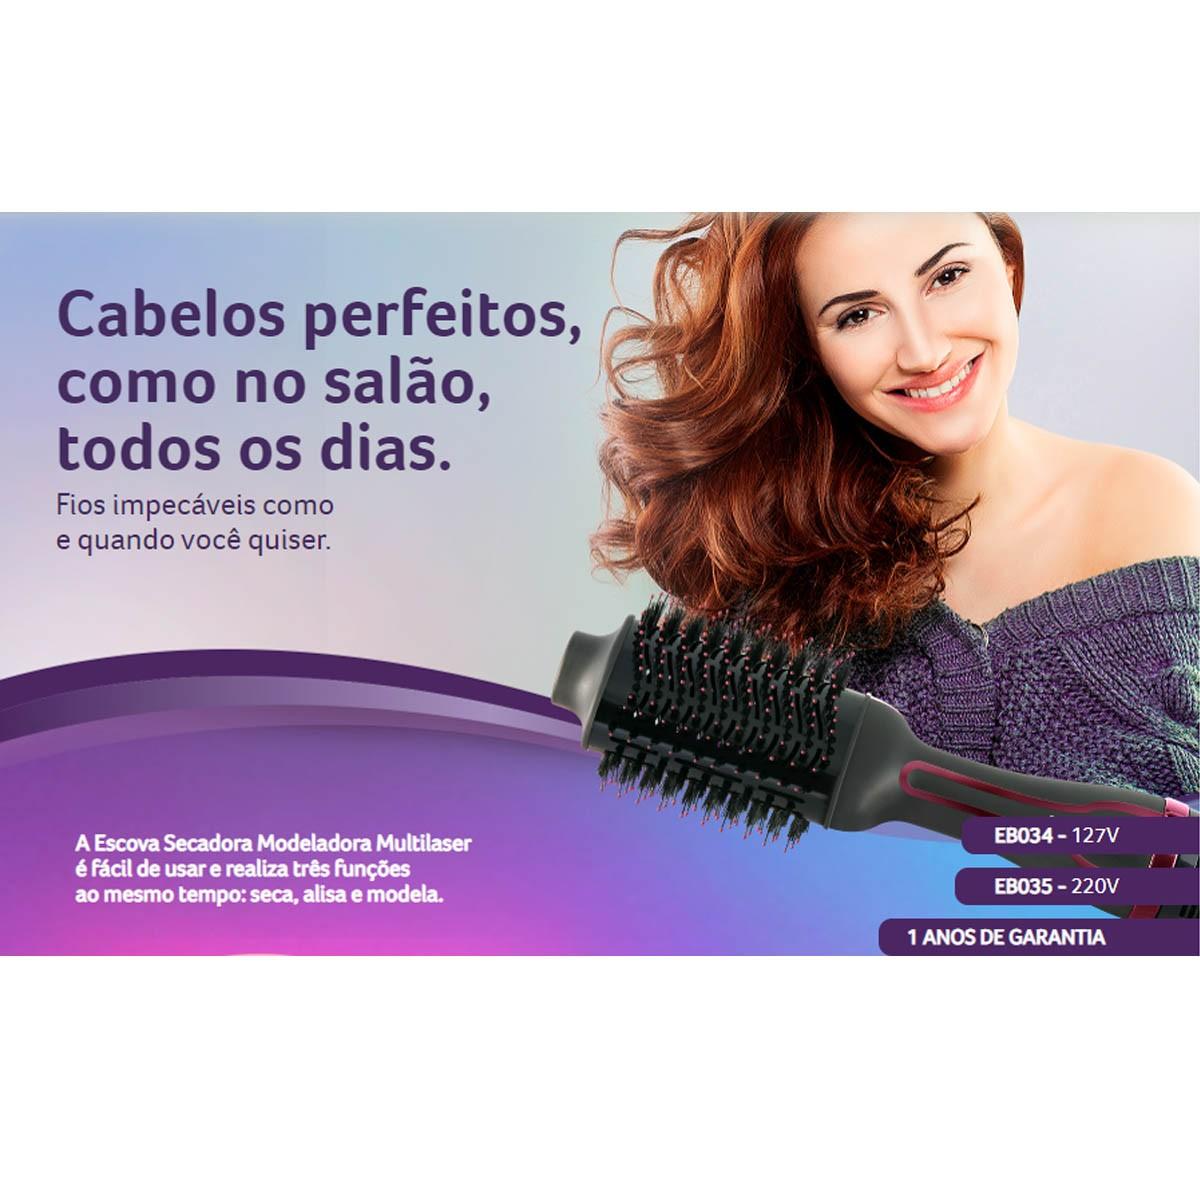 Escova Secadora Modeladora 3 em 1 127V EB034